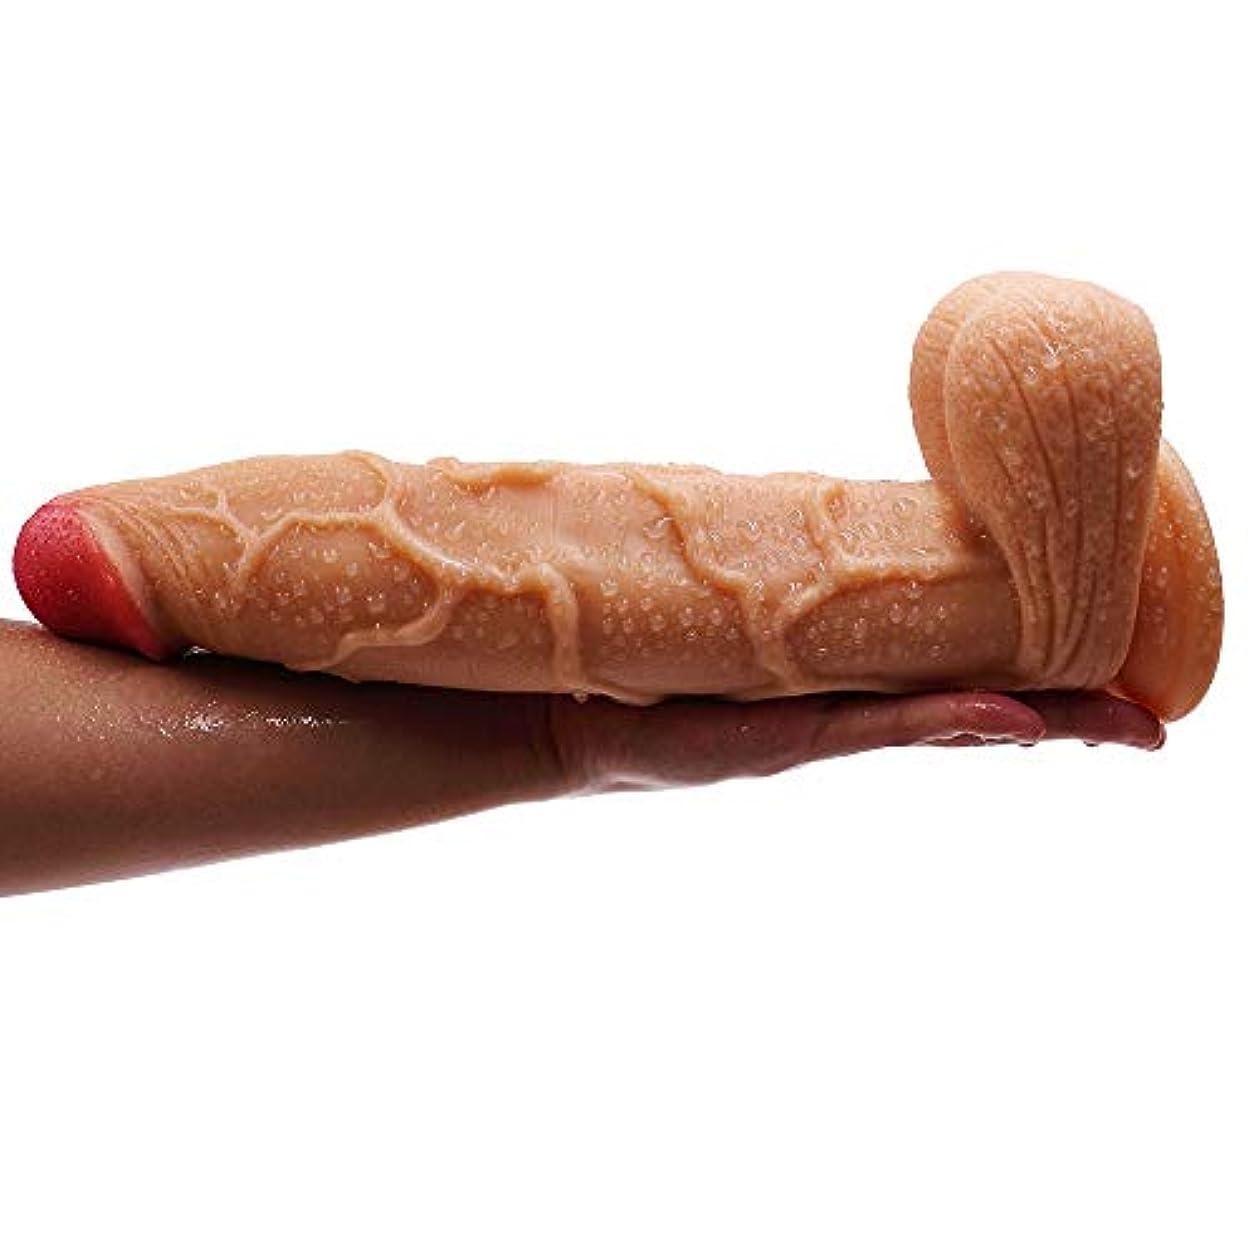 練習したクリケット生きる11.8インチの巨大な長い手無料女性個人的な現実的な大きなモンスターワンド肉の楽しさ-肉-xihongshidanhuatang